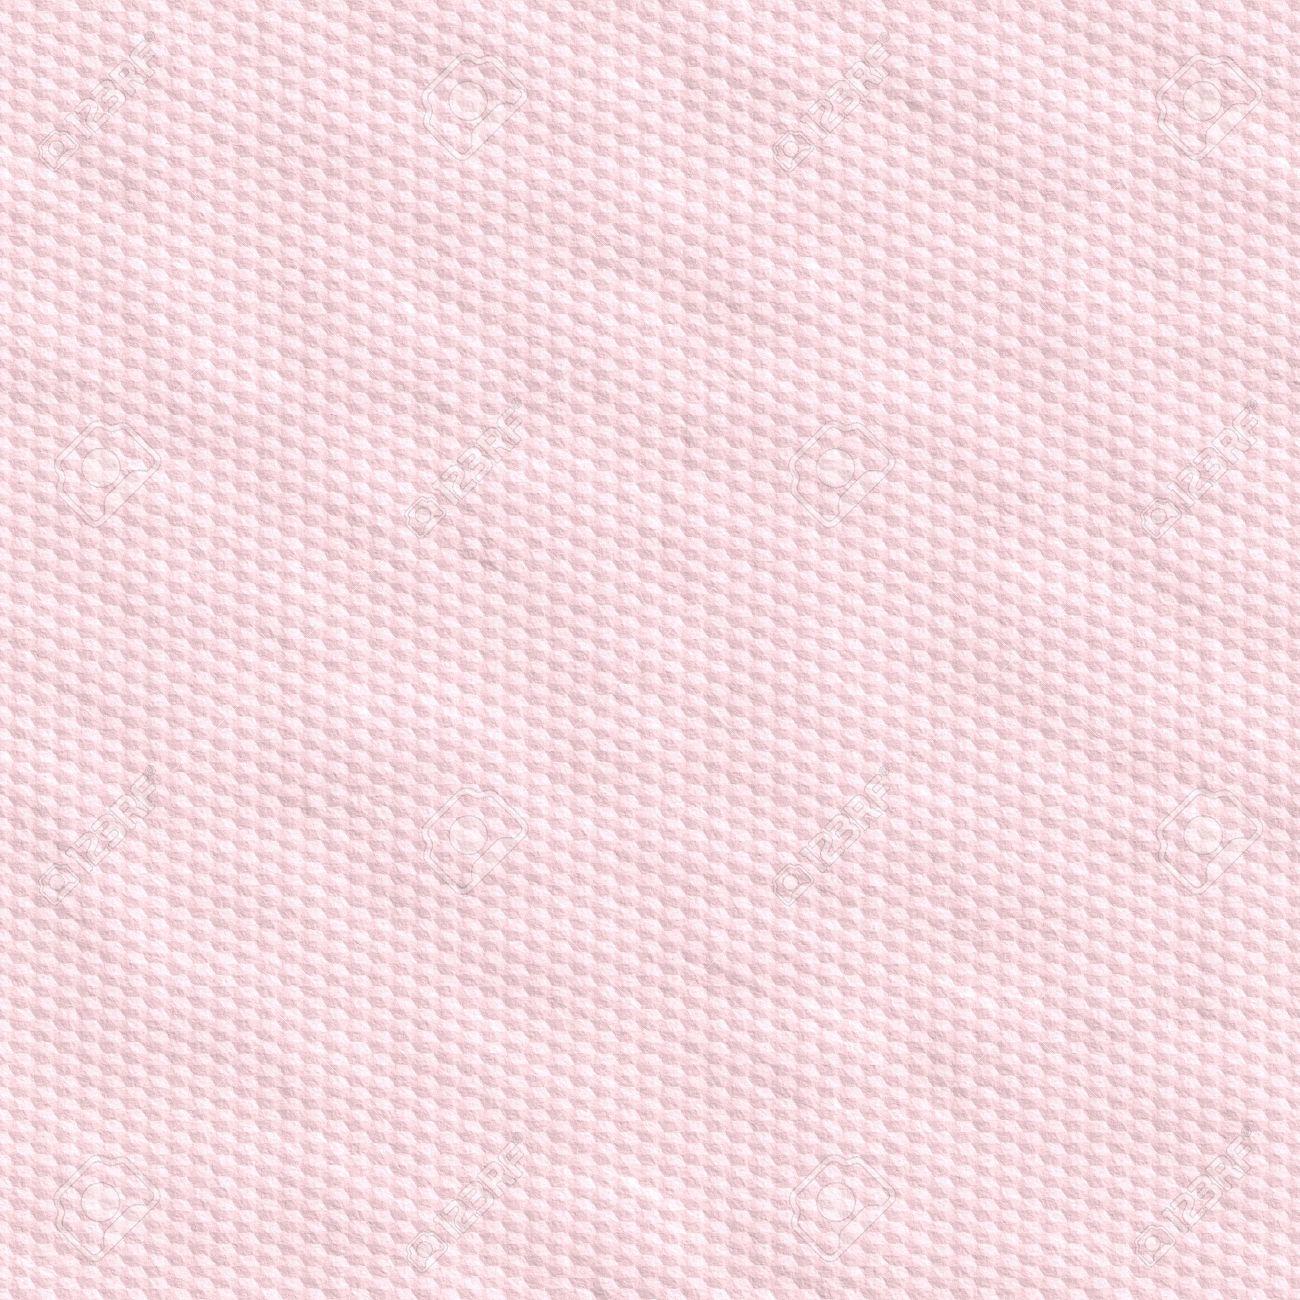 Papier De Toilette Rose Texture Homogène Banque Dimages Et Photos